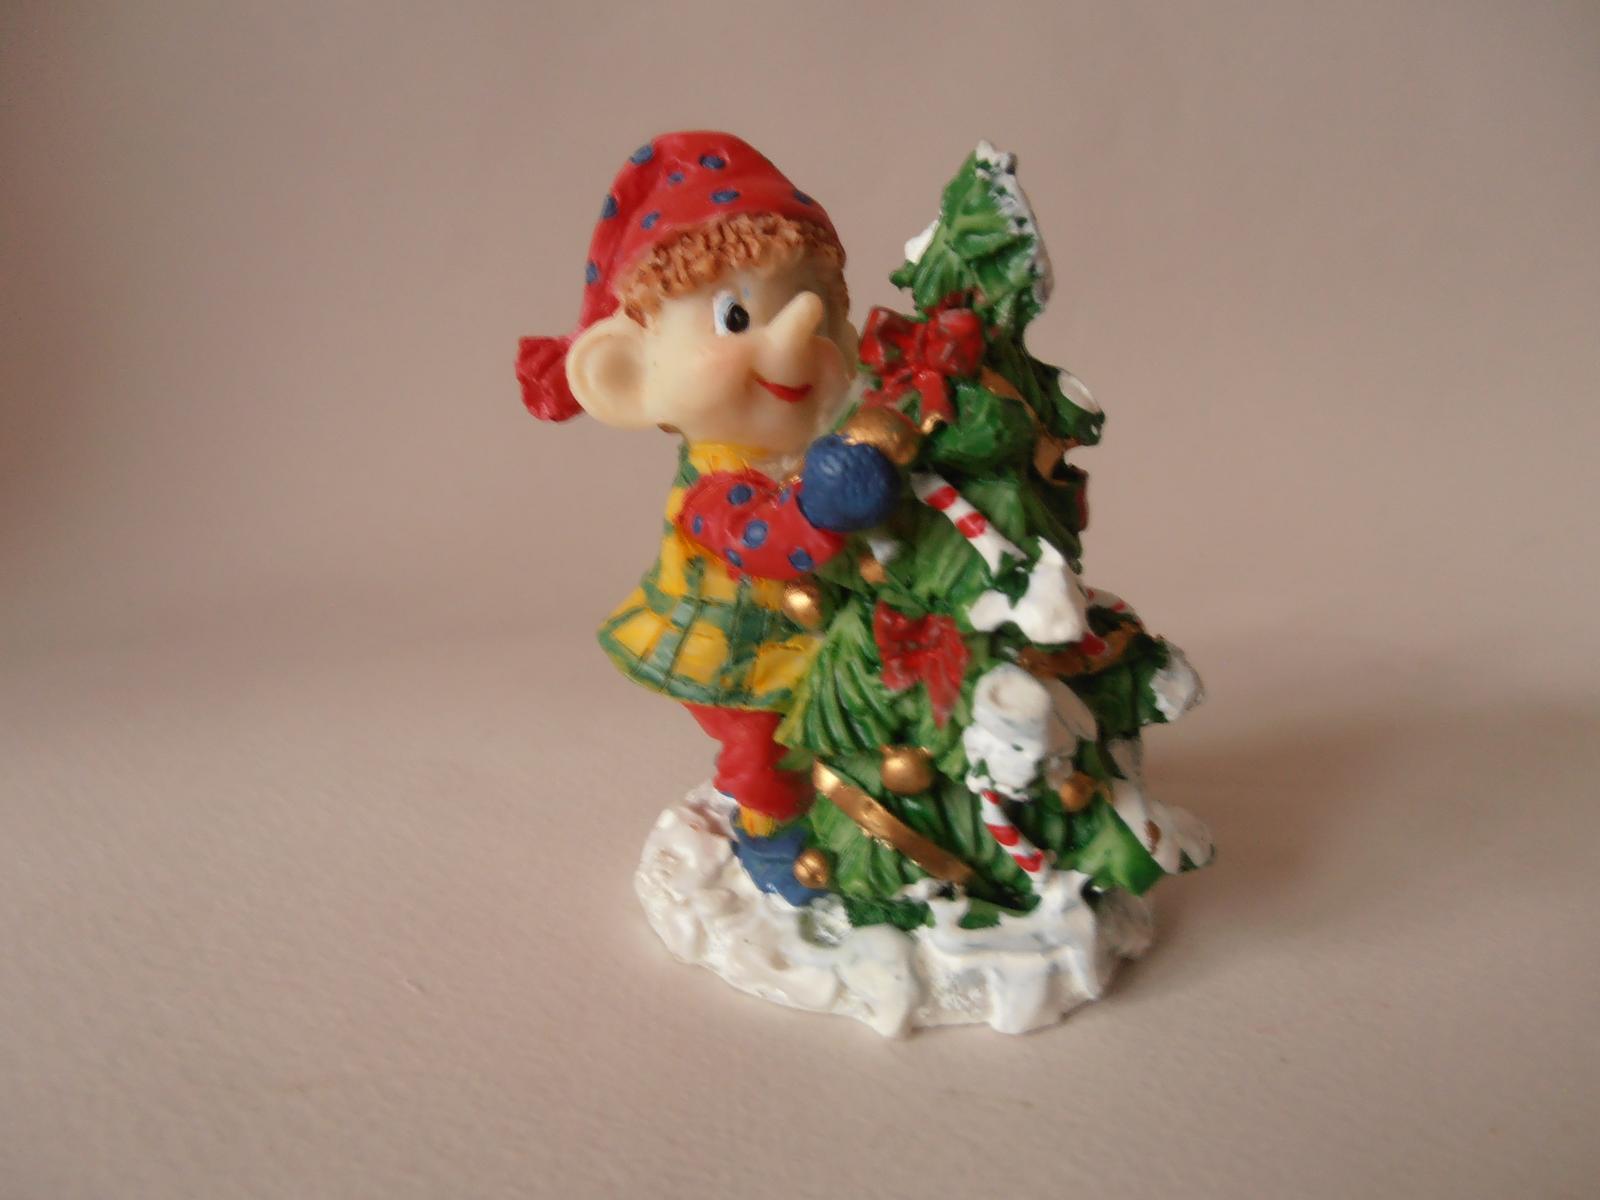 Vianočné ozdoby a dekorácie  - Obrázok č. 1